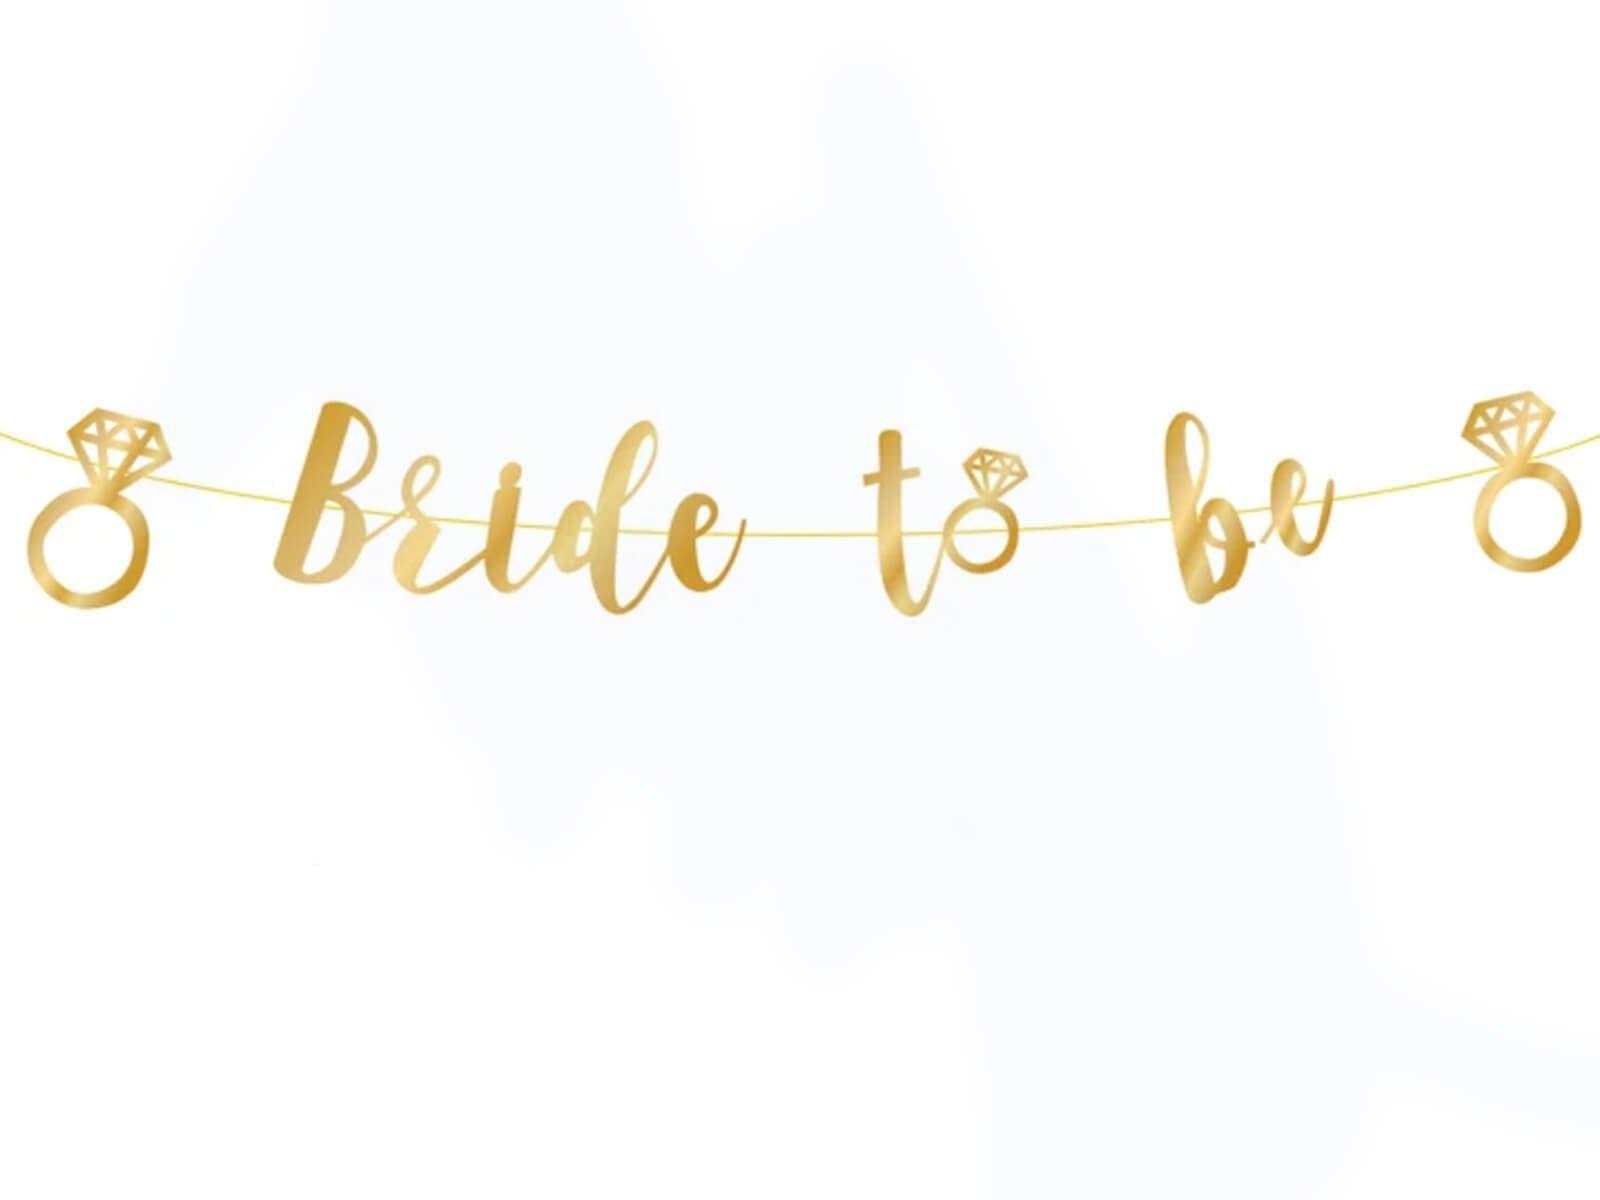 Baner z napisem Bride to be złoty - 150 cm - 1 szt.